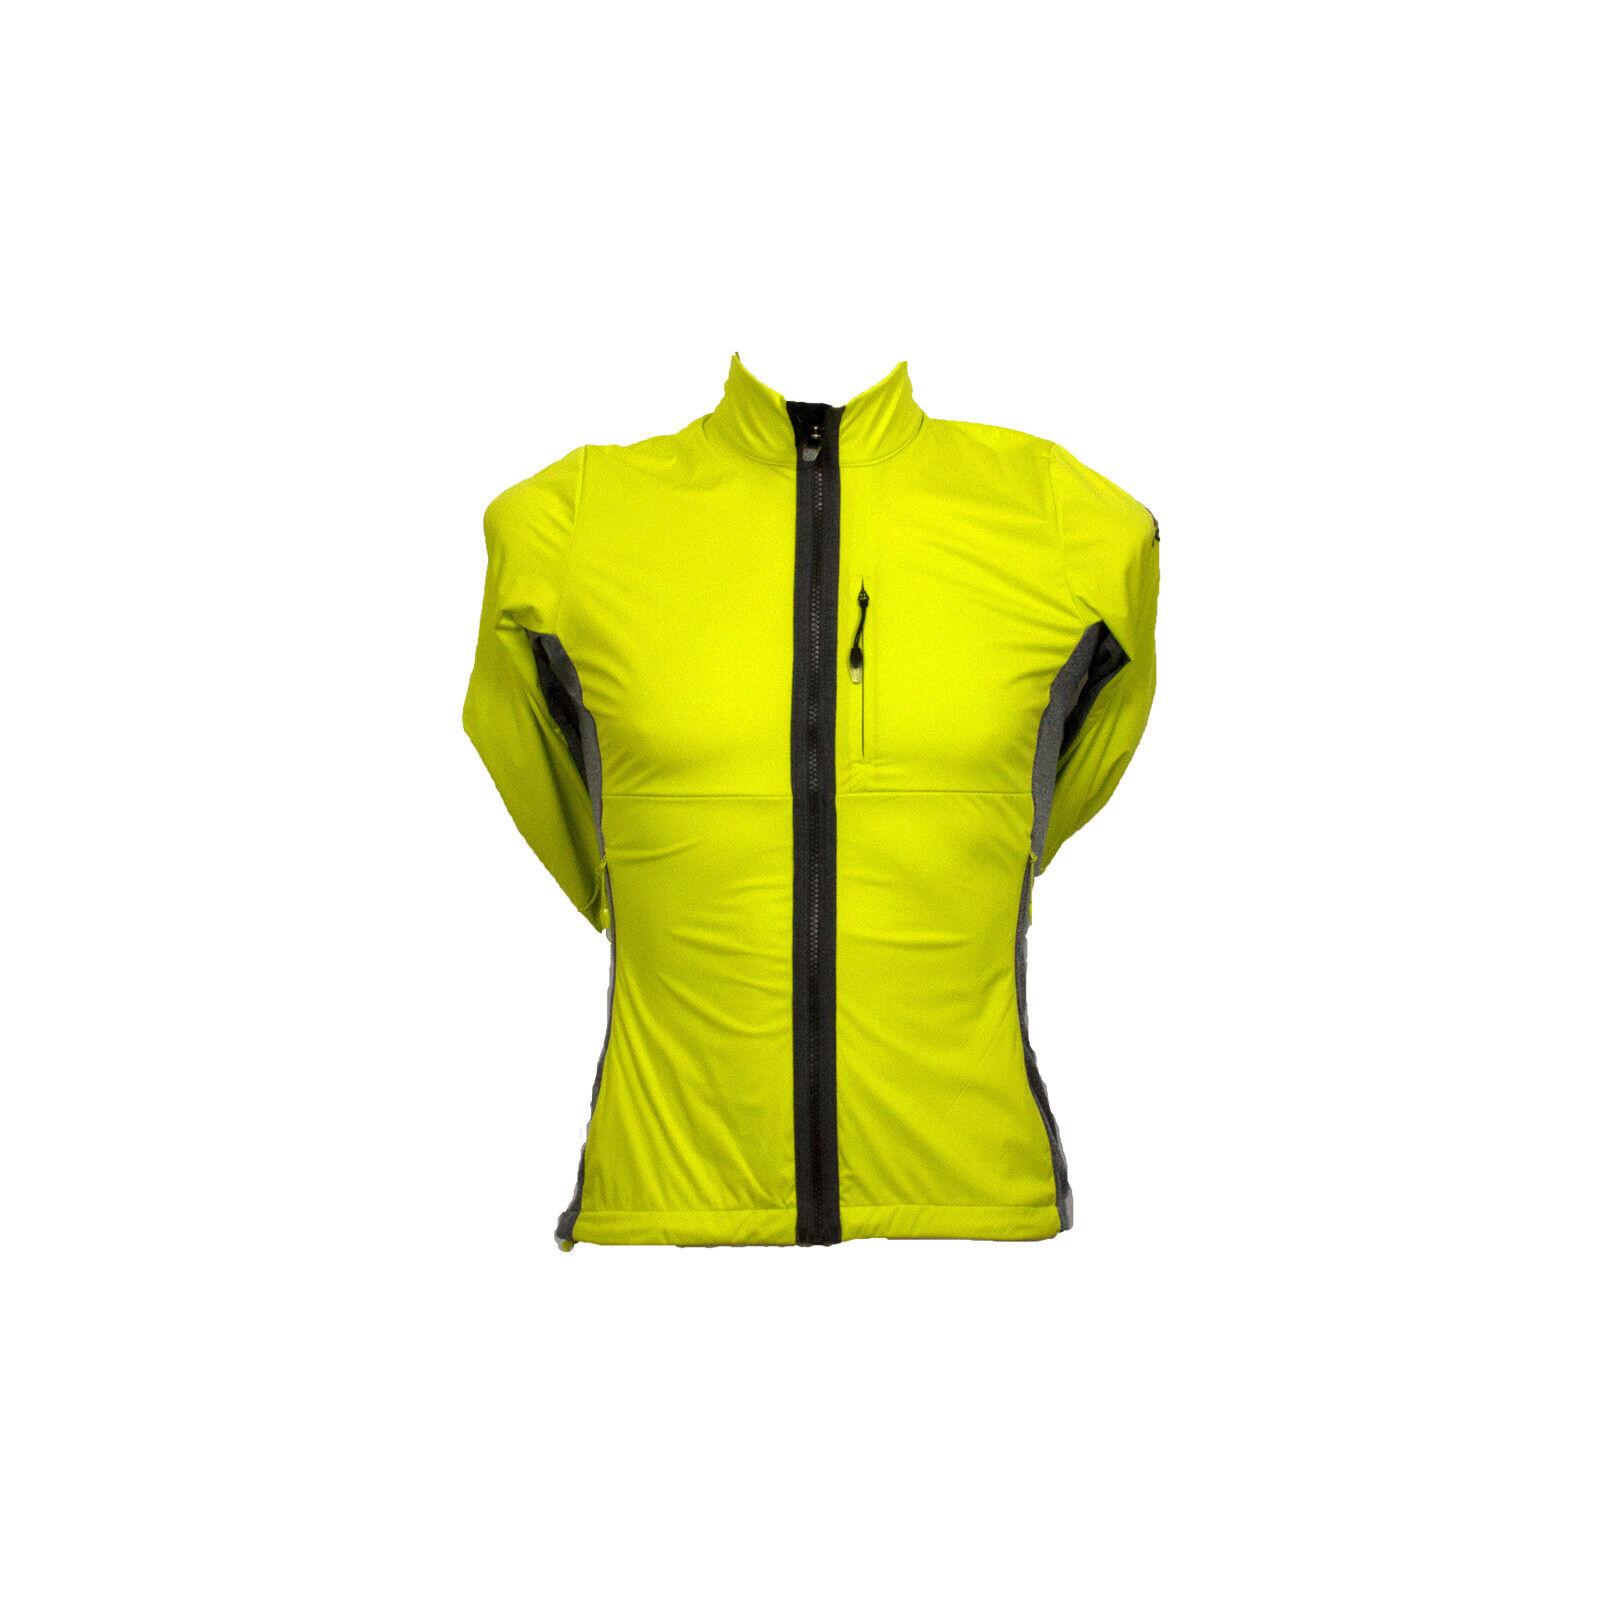 Adidas Xperior Softshell Jacke Damen Laufjacke Outdoor Sportjacke wetterfest